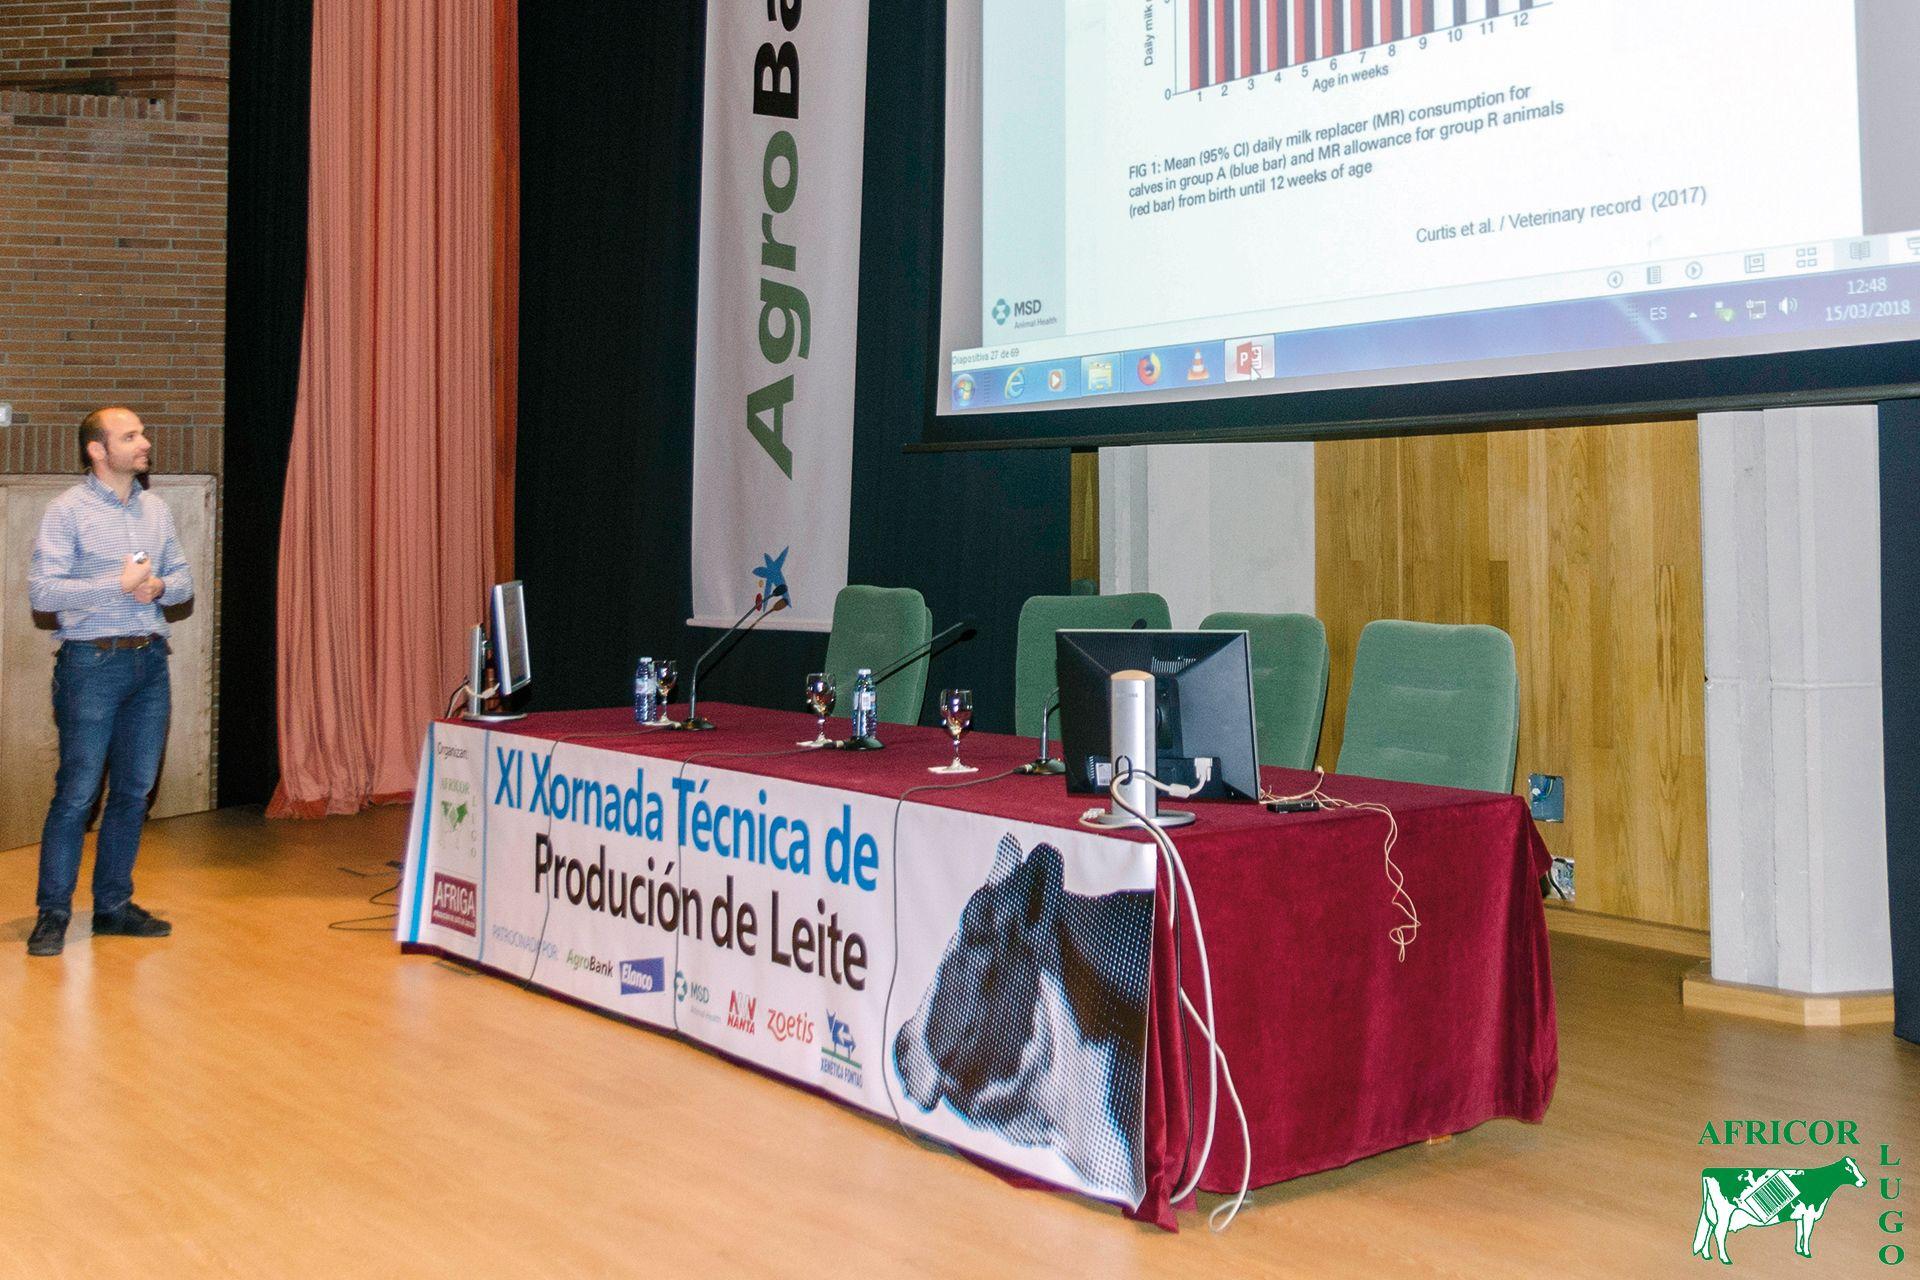 Revista AFRIGA — XI Jornada Técnica de Producción de Leche — AFRIGA | AFRICOR Lugo